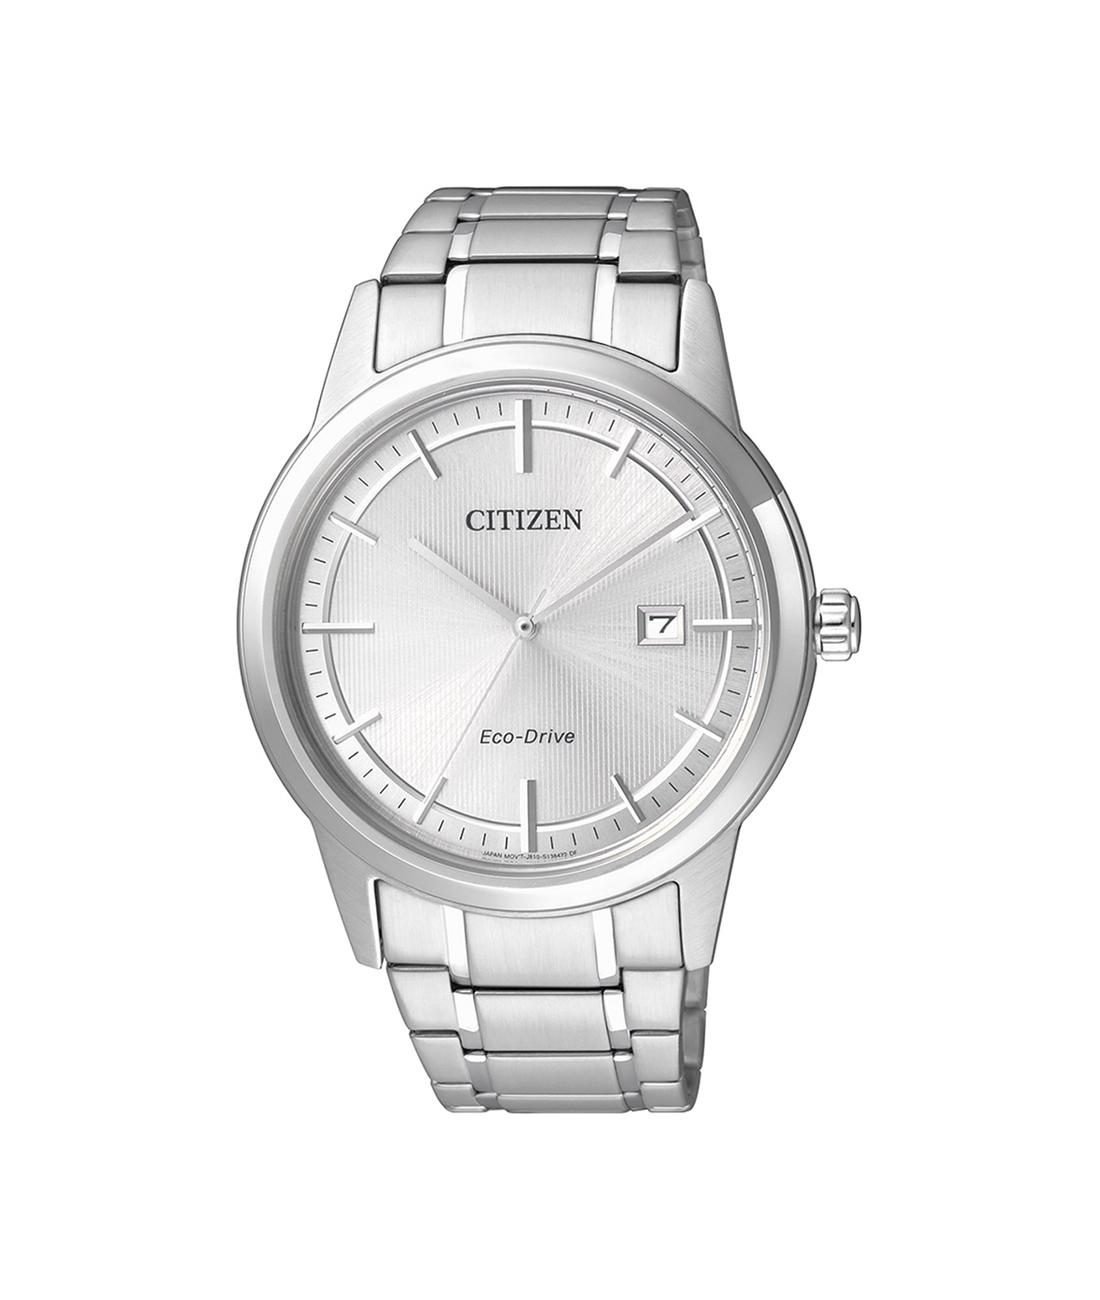 Zegarek Citizen Eco-Drive AW1231-58A w atrakcyjnej cenie ... b9141753f3